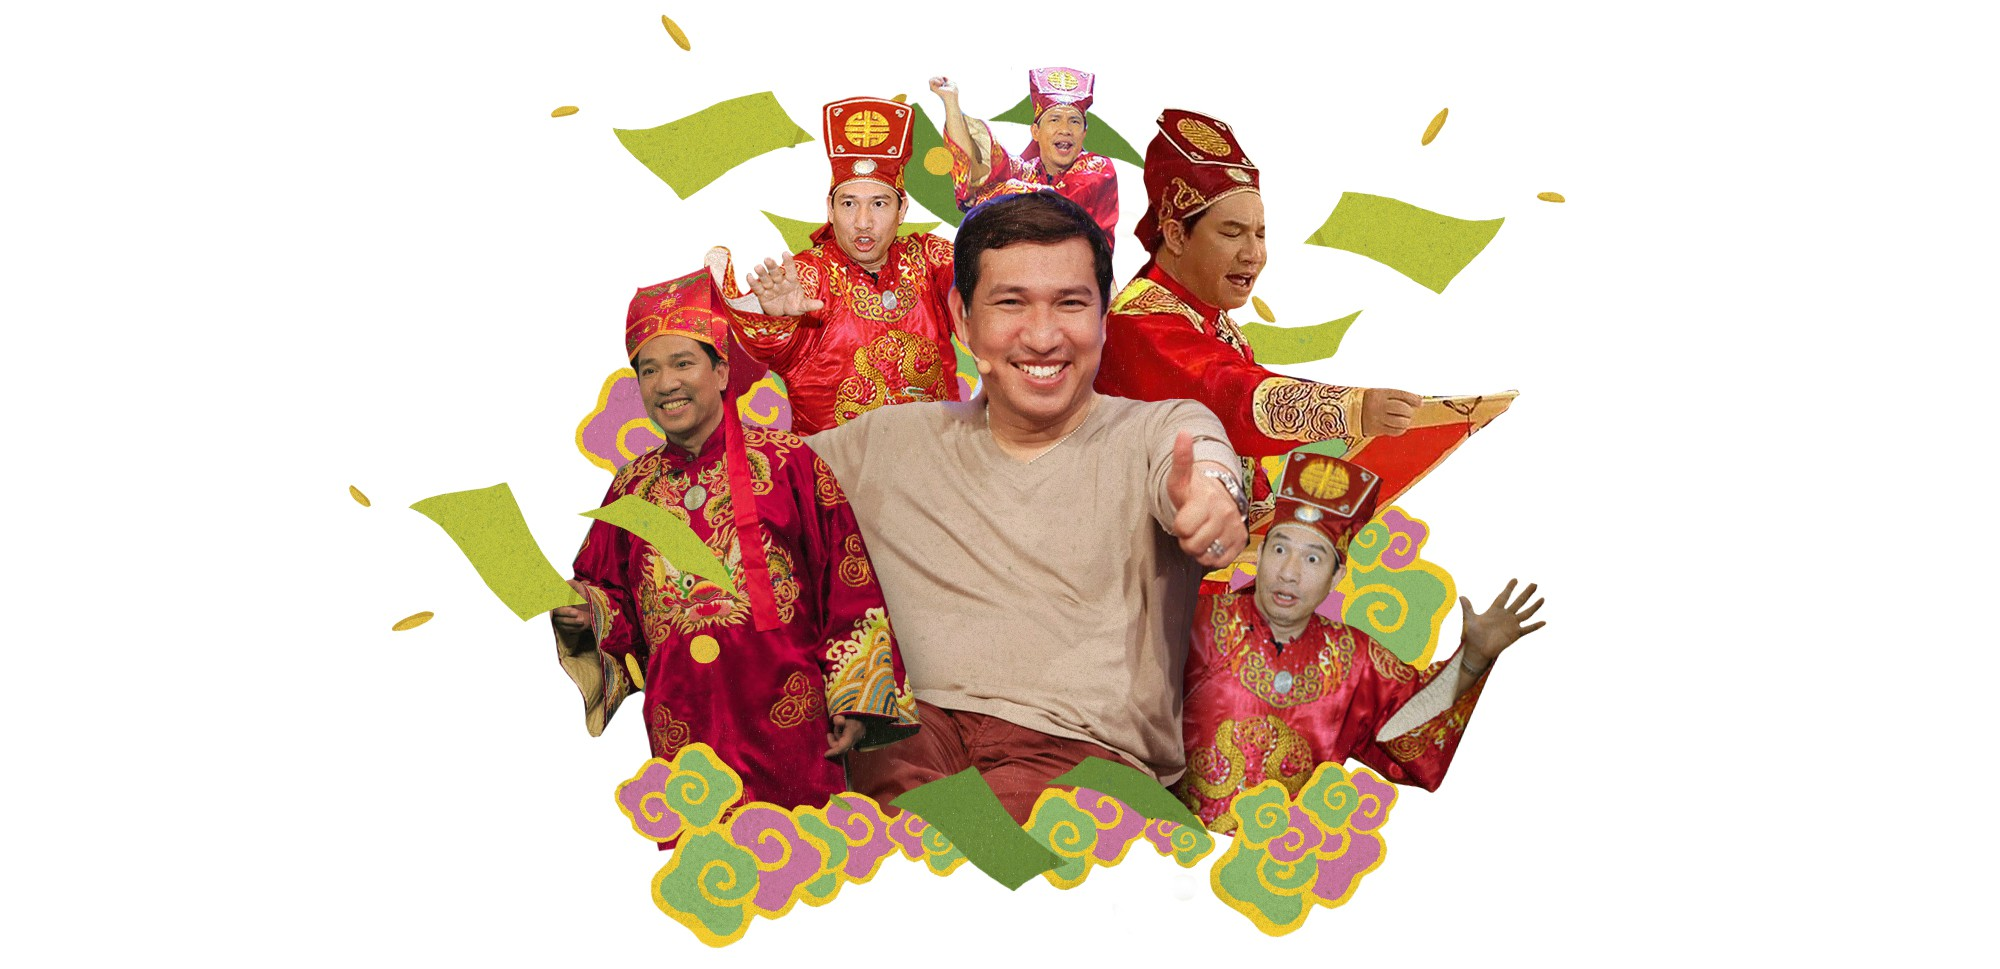 Quang Thắng: Bị coi thường là thằng nhà quê nhoi lên Hà Nội, uất ức muốn từ bỏ Táo quân - Ảnh 15.